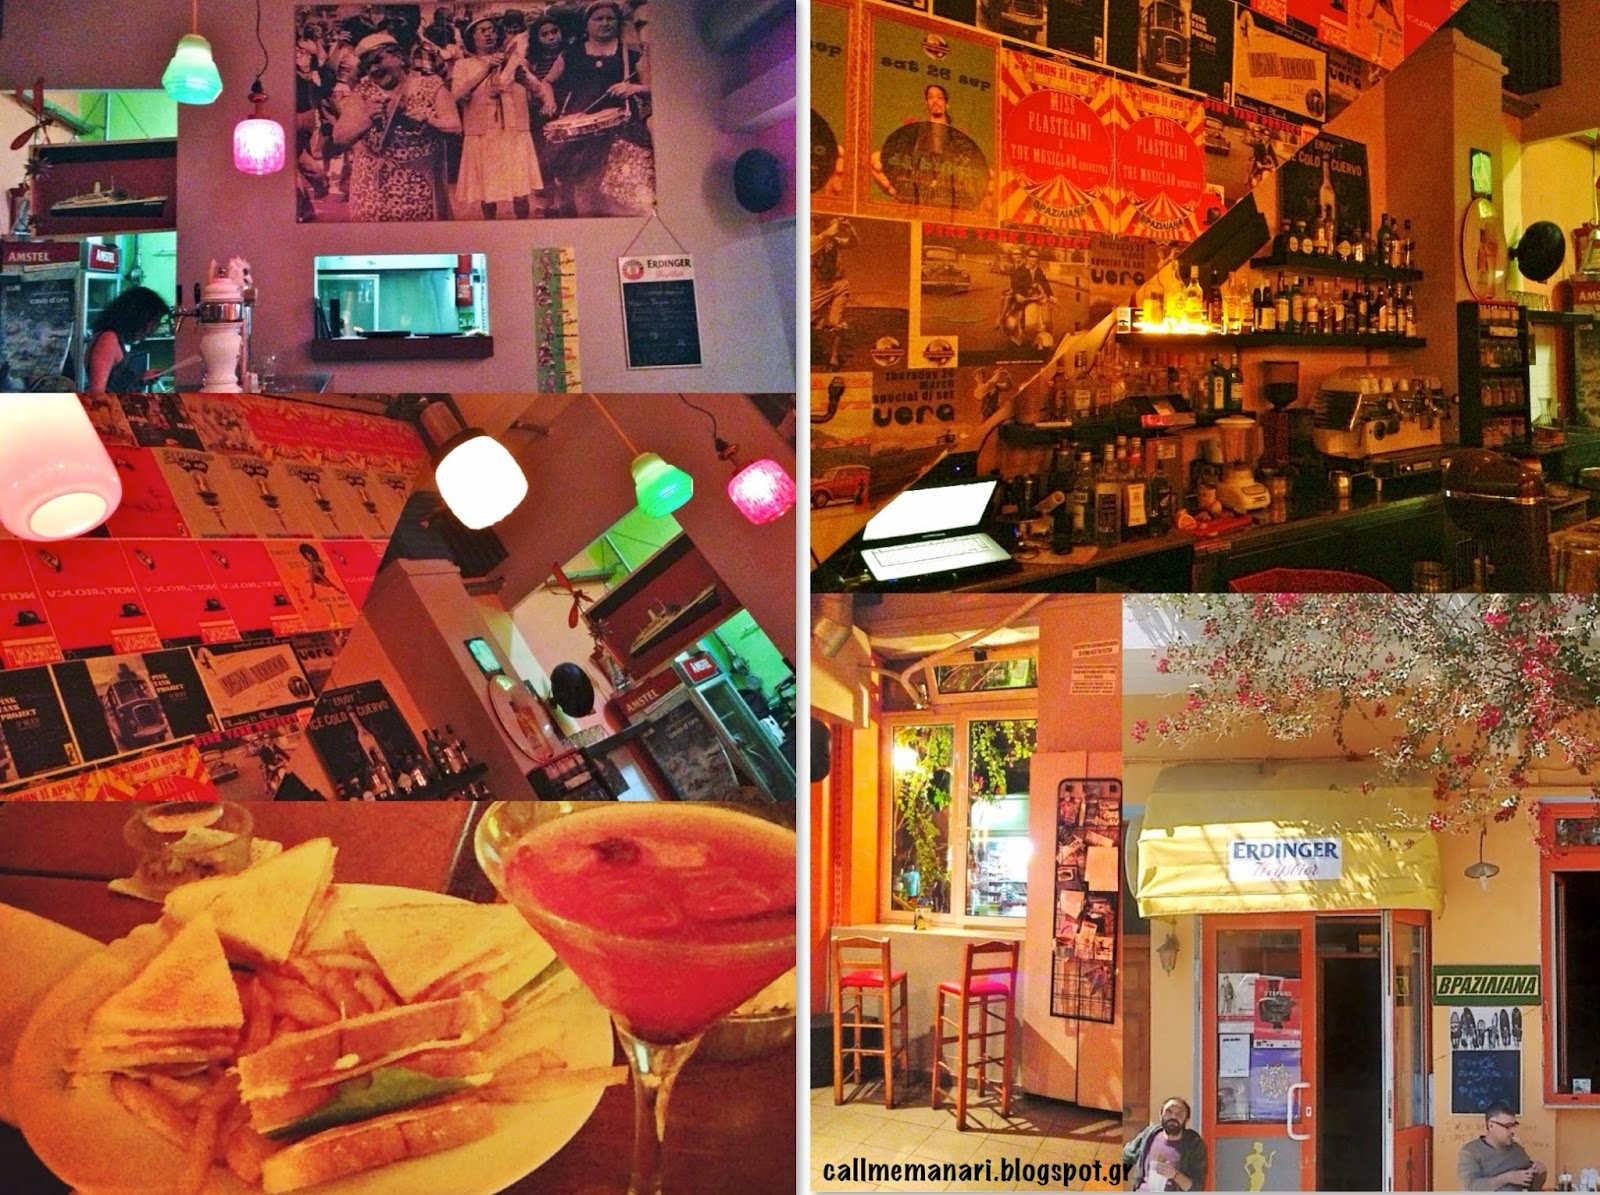 Πρόκειται για ένα μοντέρνο καφέ-μπαρ με φθηνά ποτά   σνακ 64d0dbba1ce